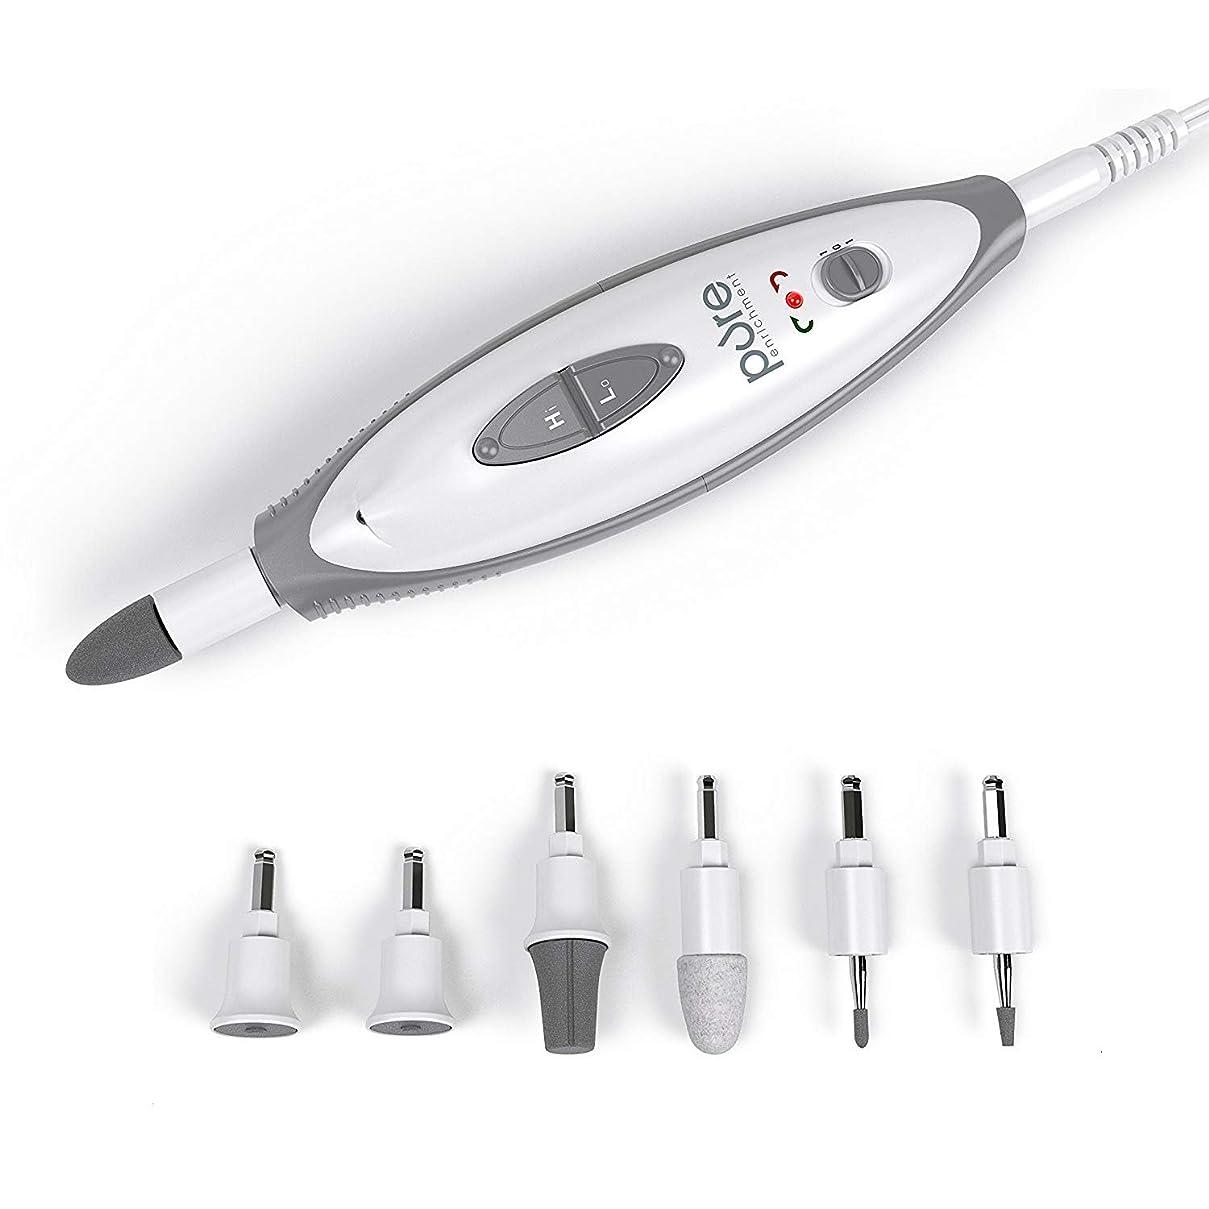 大声で風景放課後[Pure Enrichment] [PureNails 7-piece Professional Manicure & Pedicure System - Powerful Electric Nail Drill for Salon-quality Grooming of Hands & Feet At Home ] (並行輸入品)